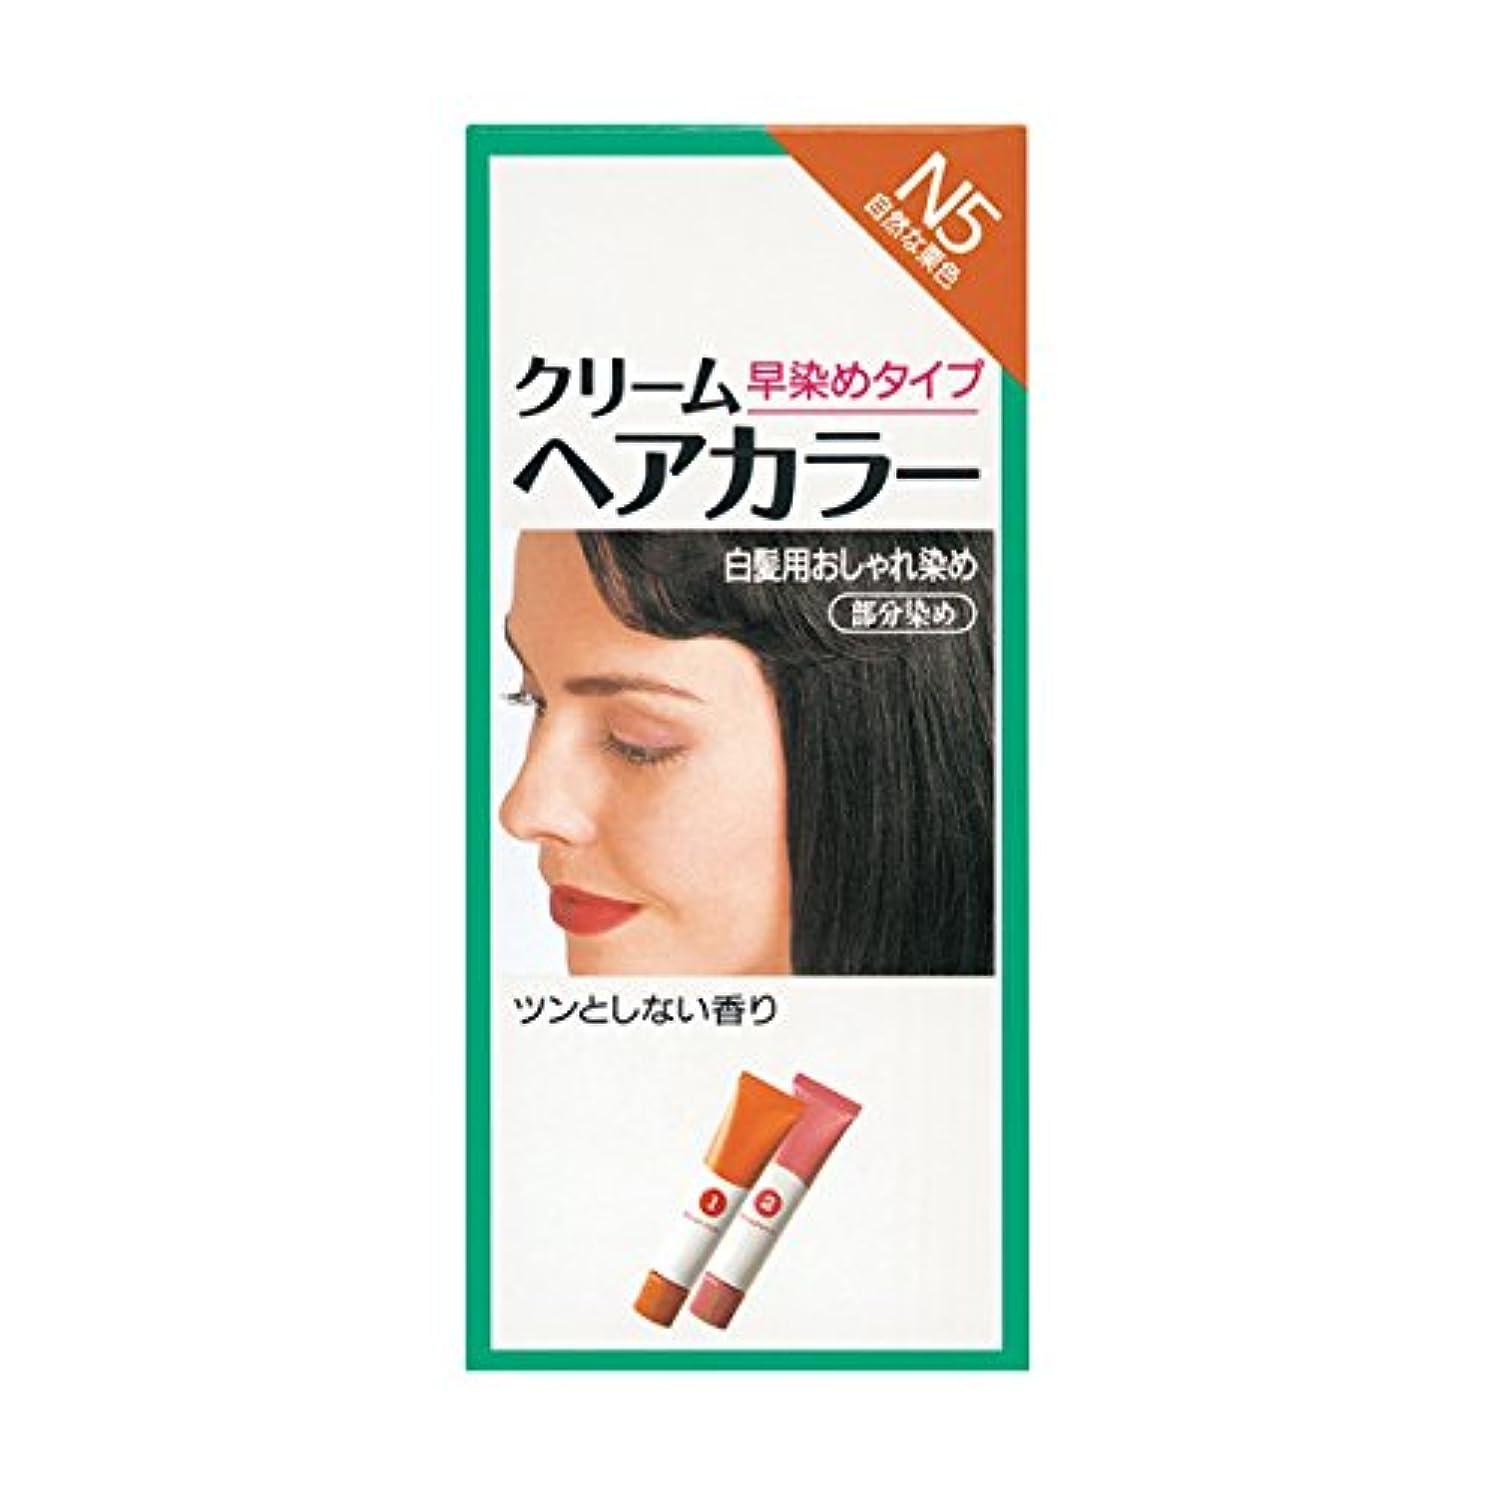 柔らかさこだわりコメントヘアカラー クリームヘアカラーN N5 【医薬部外品】